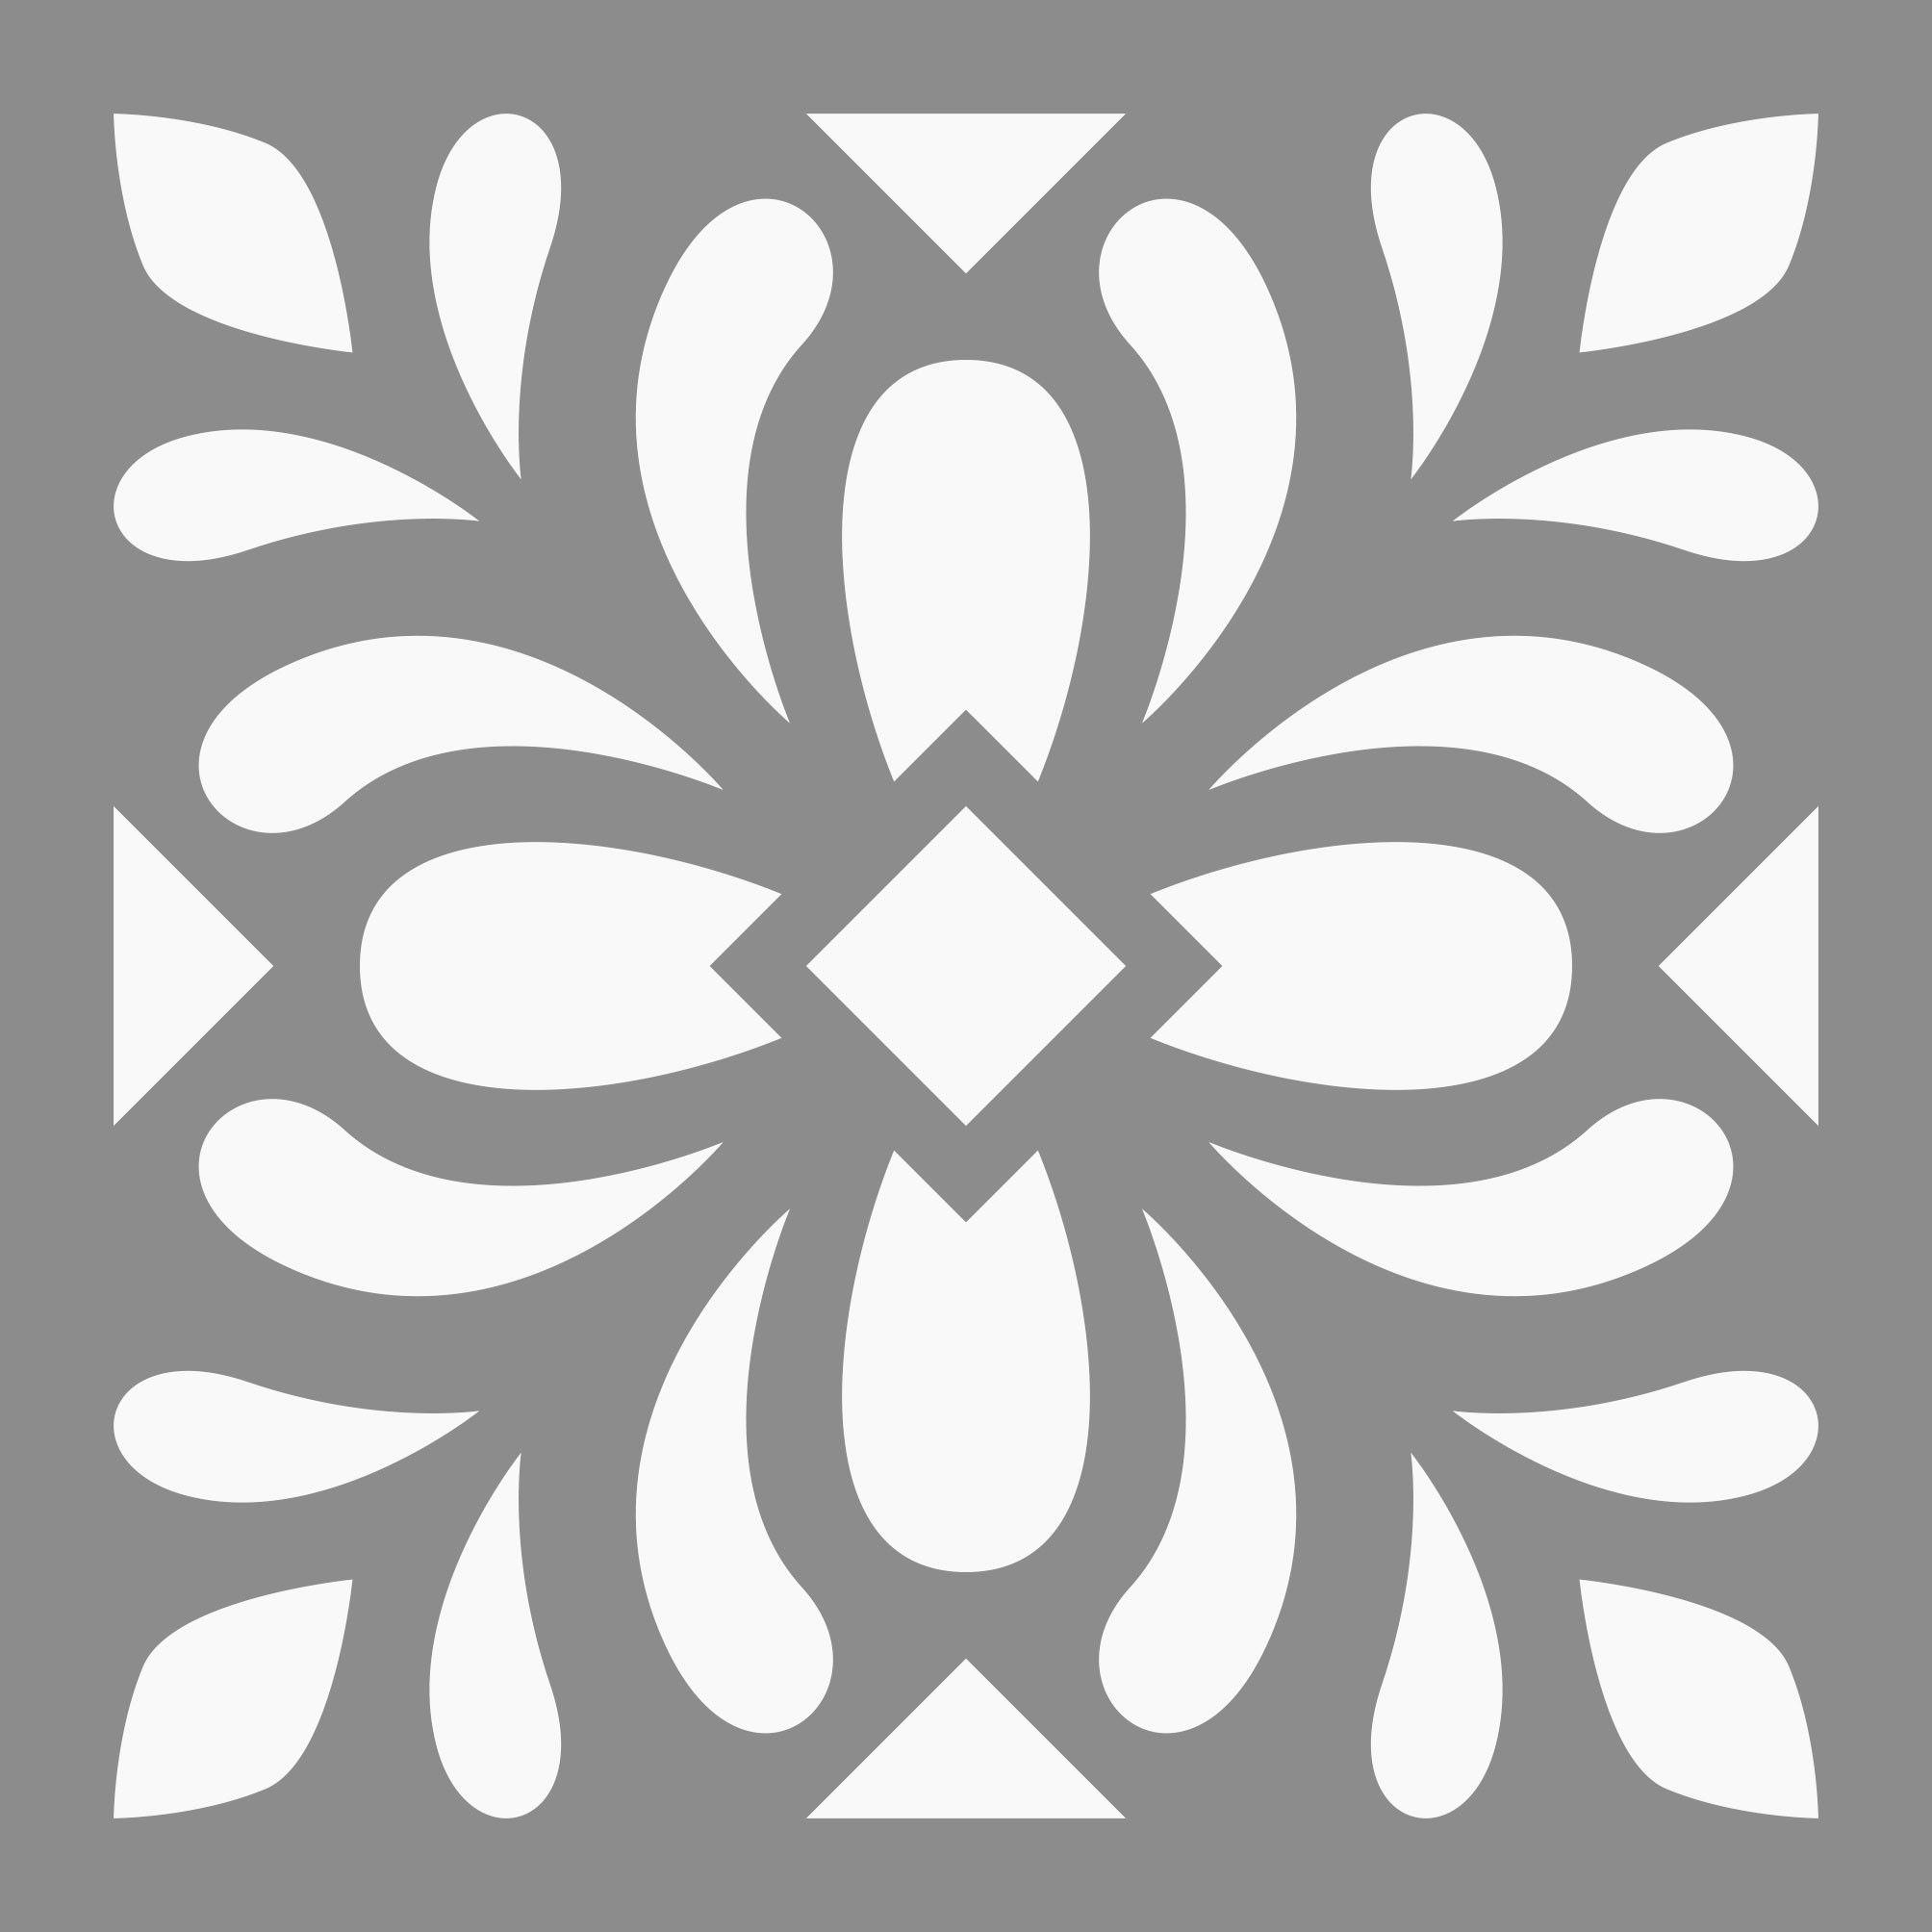 Best 25 Pochoir Mural Ideas On Pinterest Pochoir Gratuit A Avec 15075005 1 Et Pochoir Chiff Obras De Arte Con Mosaicos Plantillas De Pintura Stencil Decorativo